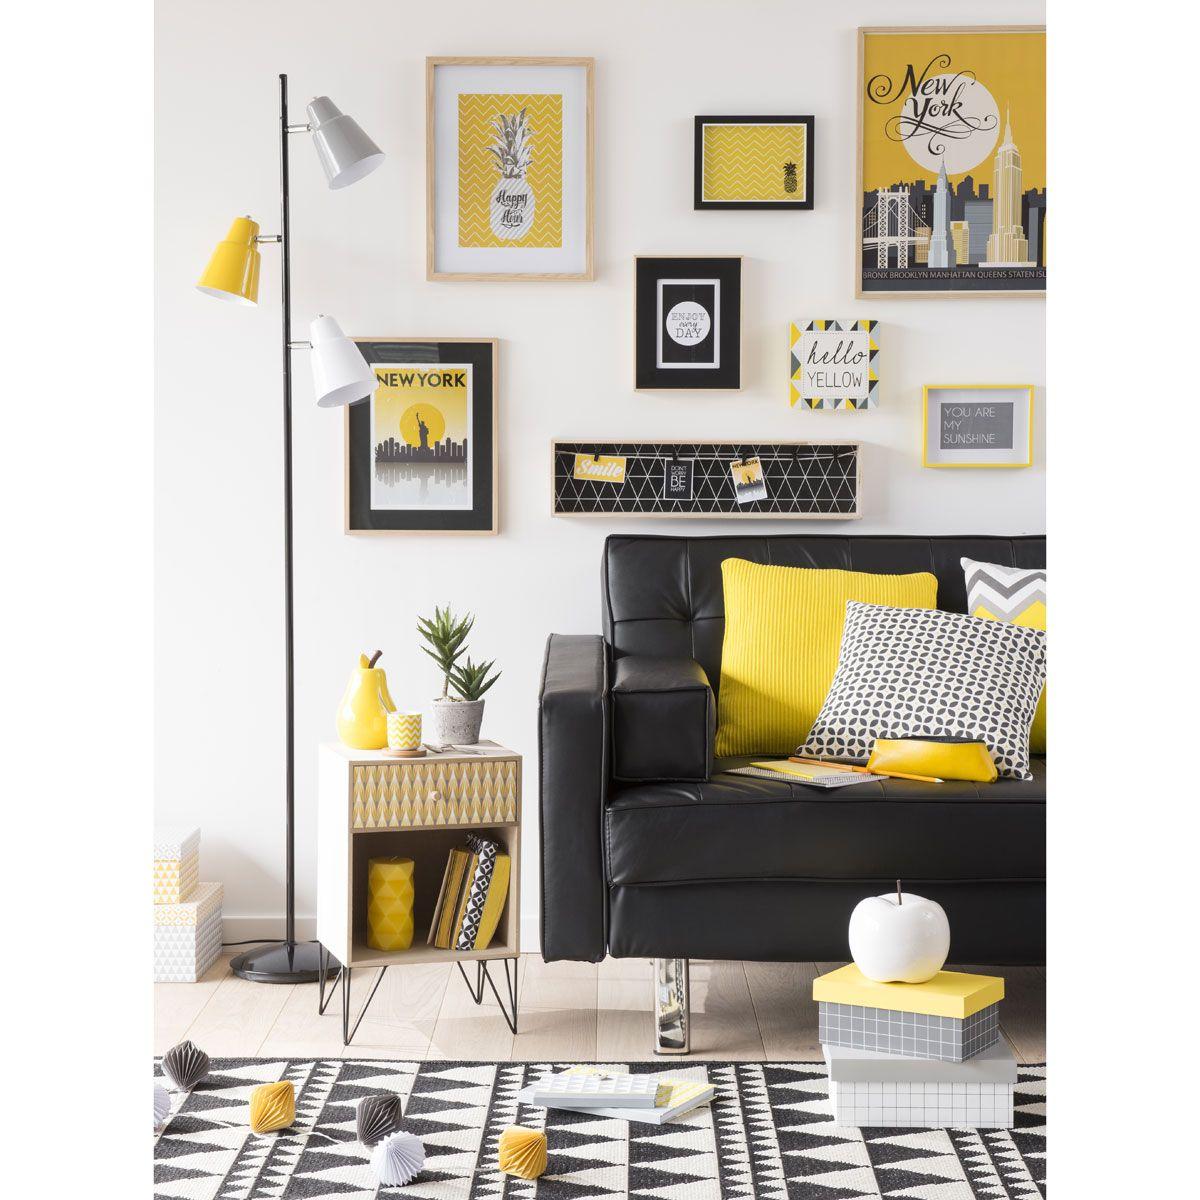 cadre photo en bois noir 22 x 27 cm will maisons du monde ameublement deco pinterest. Black Bedroom Furniture Sets. Home Design Ideas